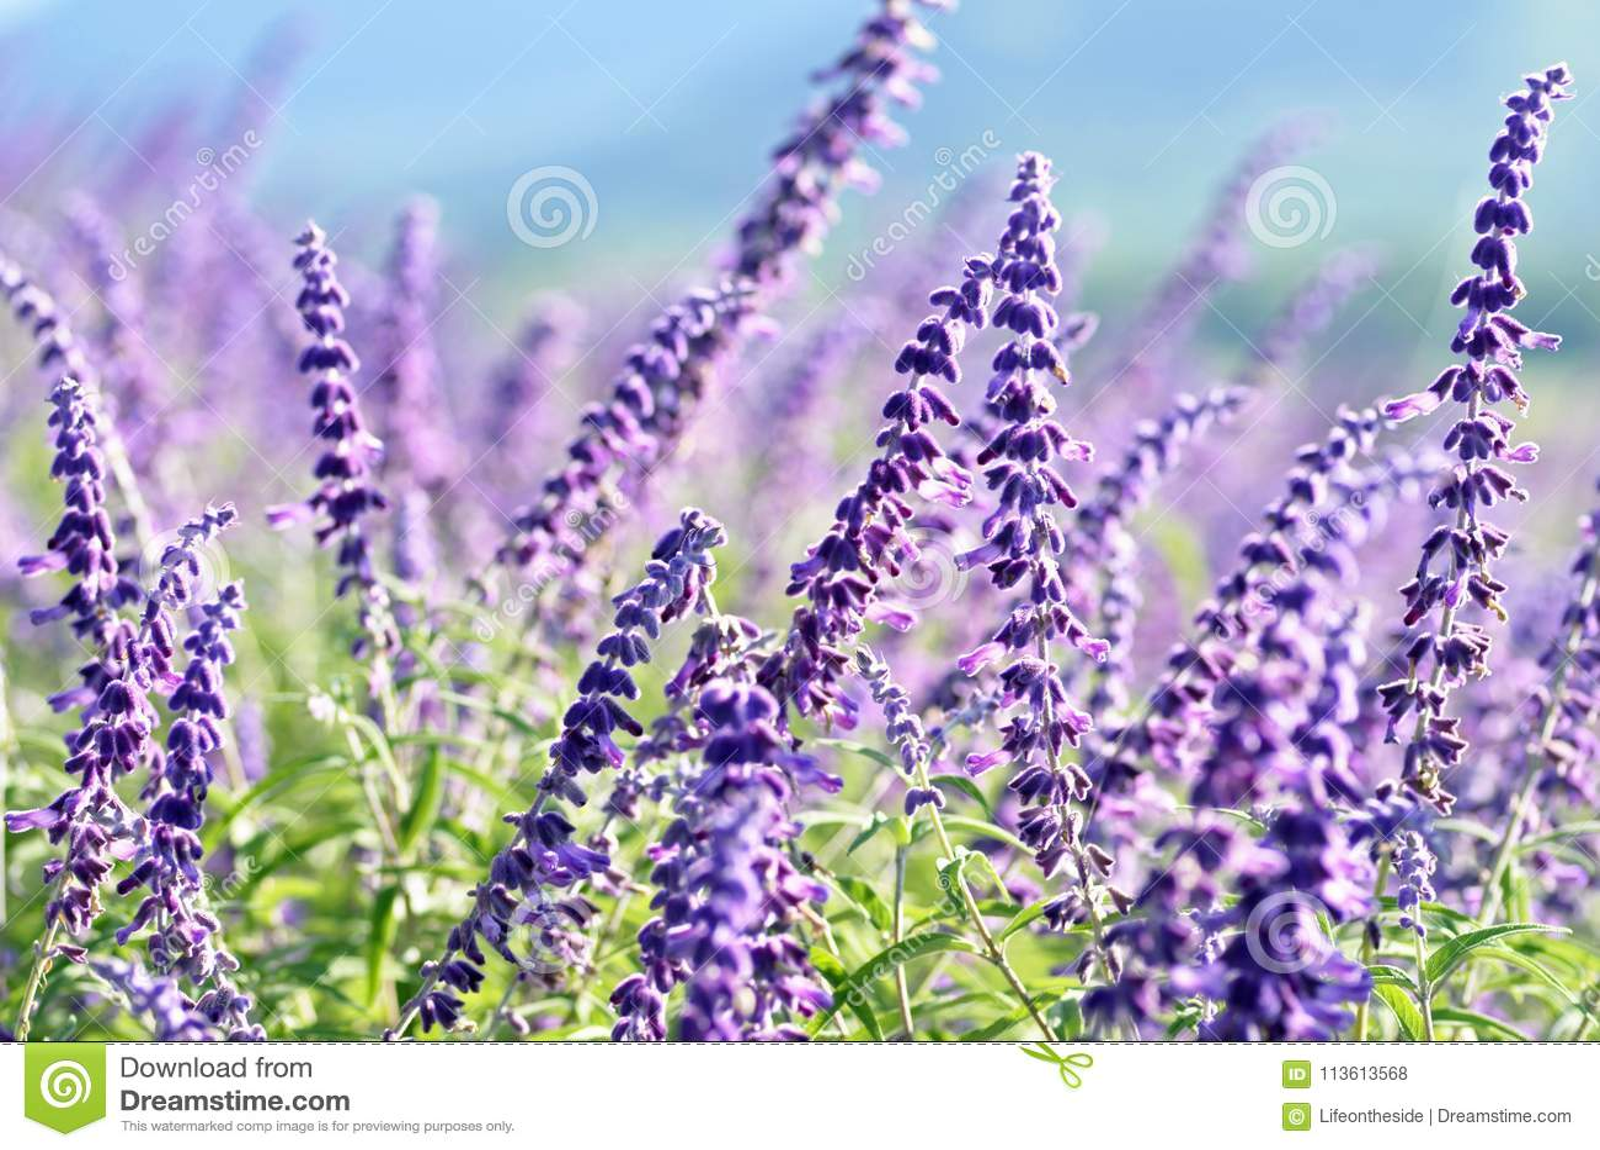 Le ressort violet de gisement de papier peint de fond fleurit le paysage rural